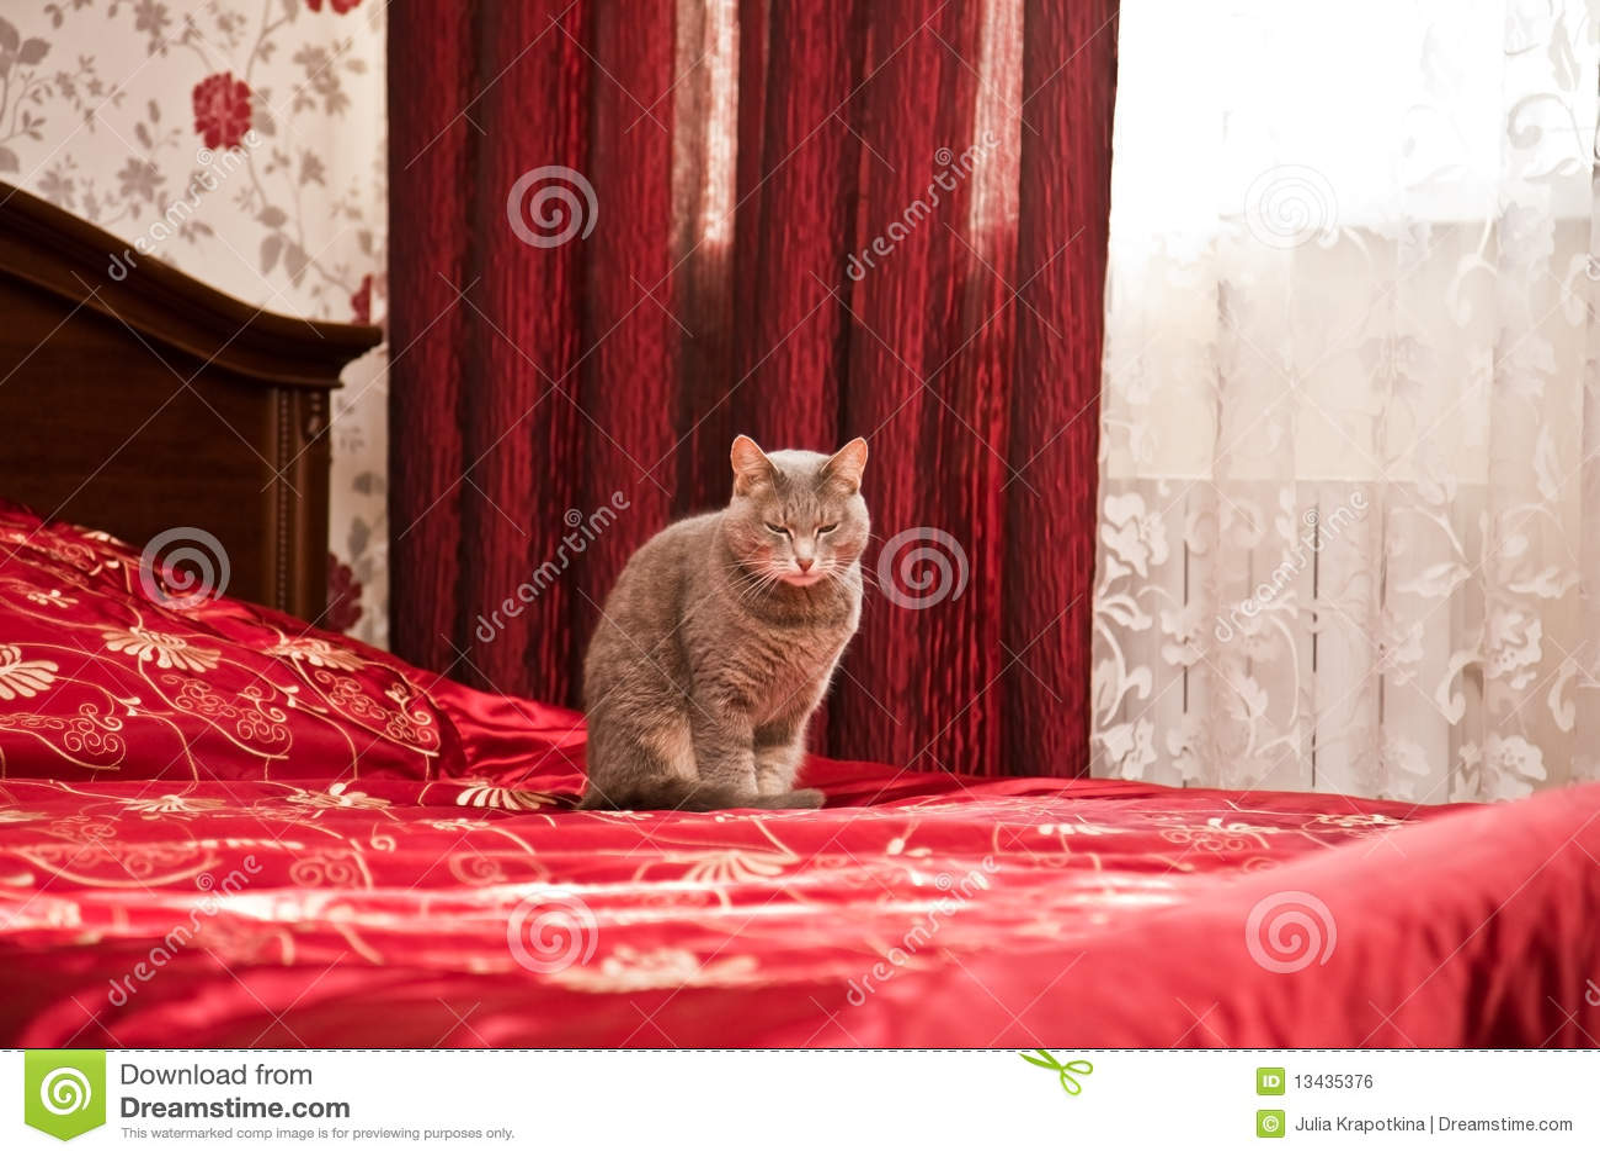 Gatto grigio sonnolento nell 39 interiore della camera da letto fotografia stock immagine di - Gatto pipi letto ...